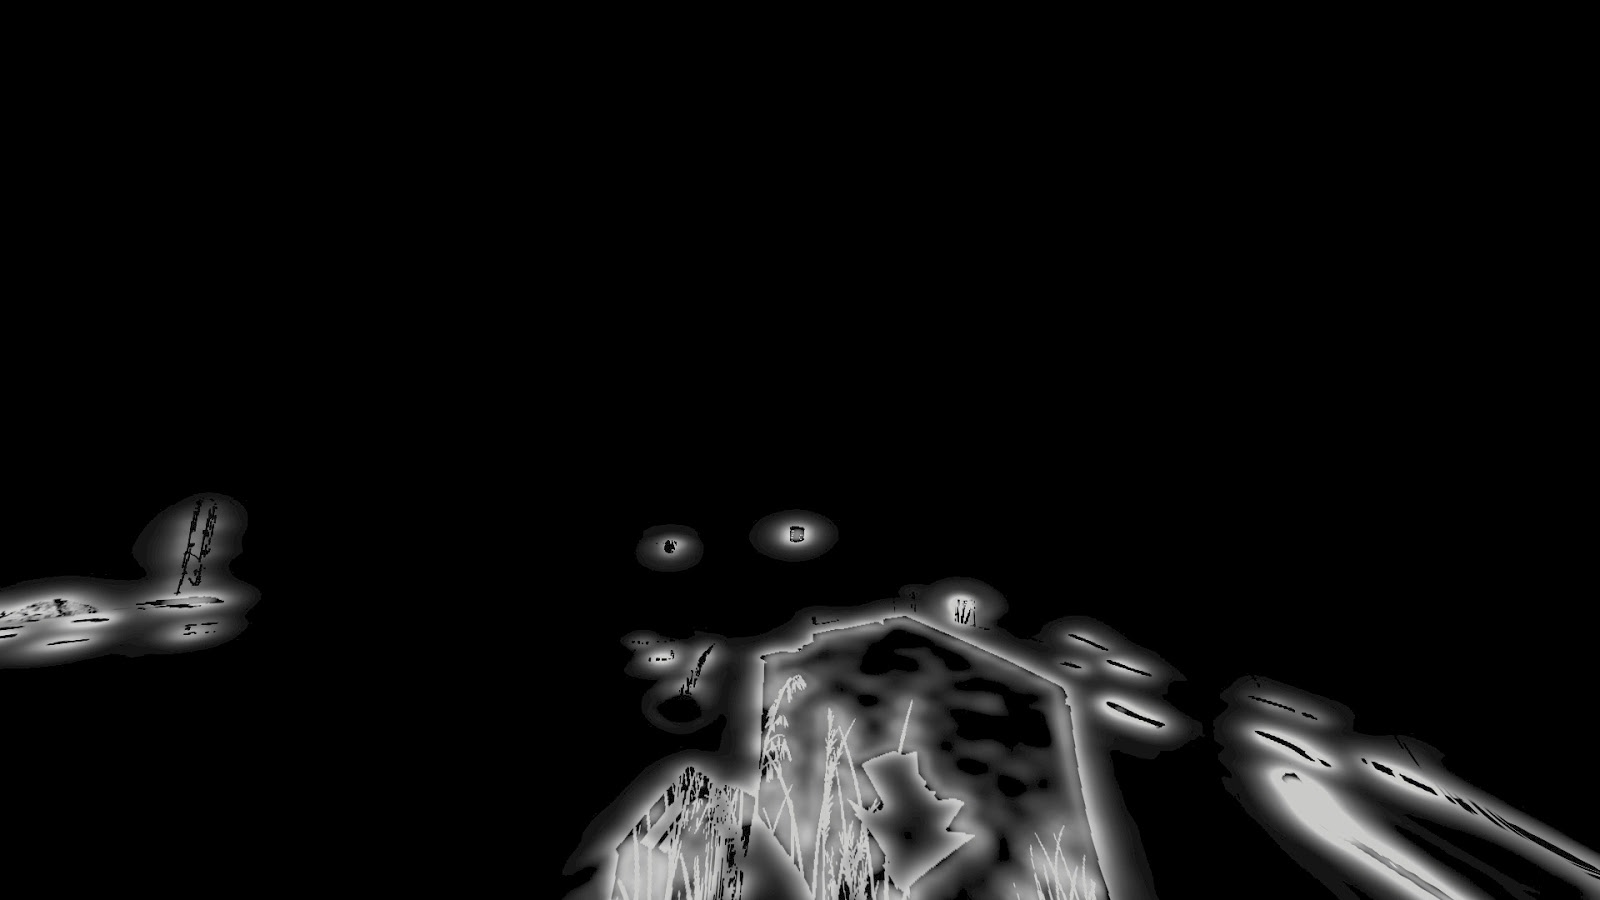 Как реализован рендеринг «Ведьмака 3»: молнии, ведьмачье чутьё и другие эффекты - 60